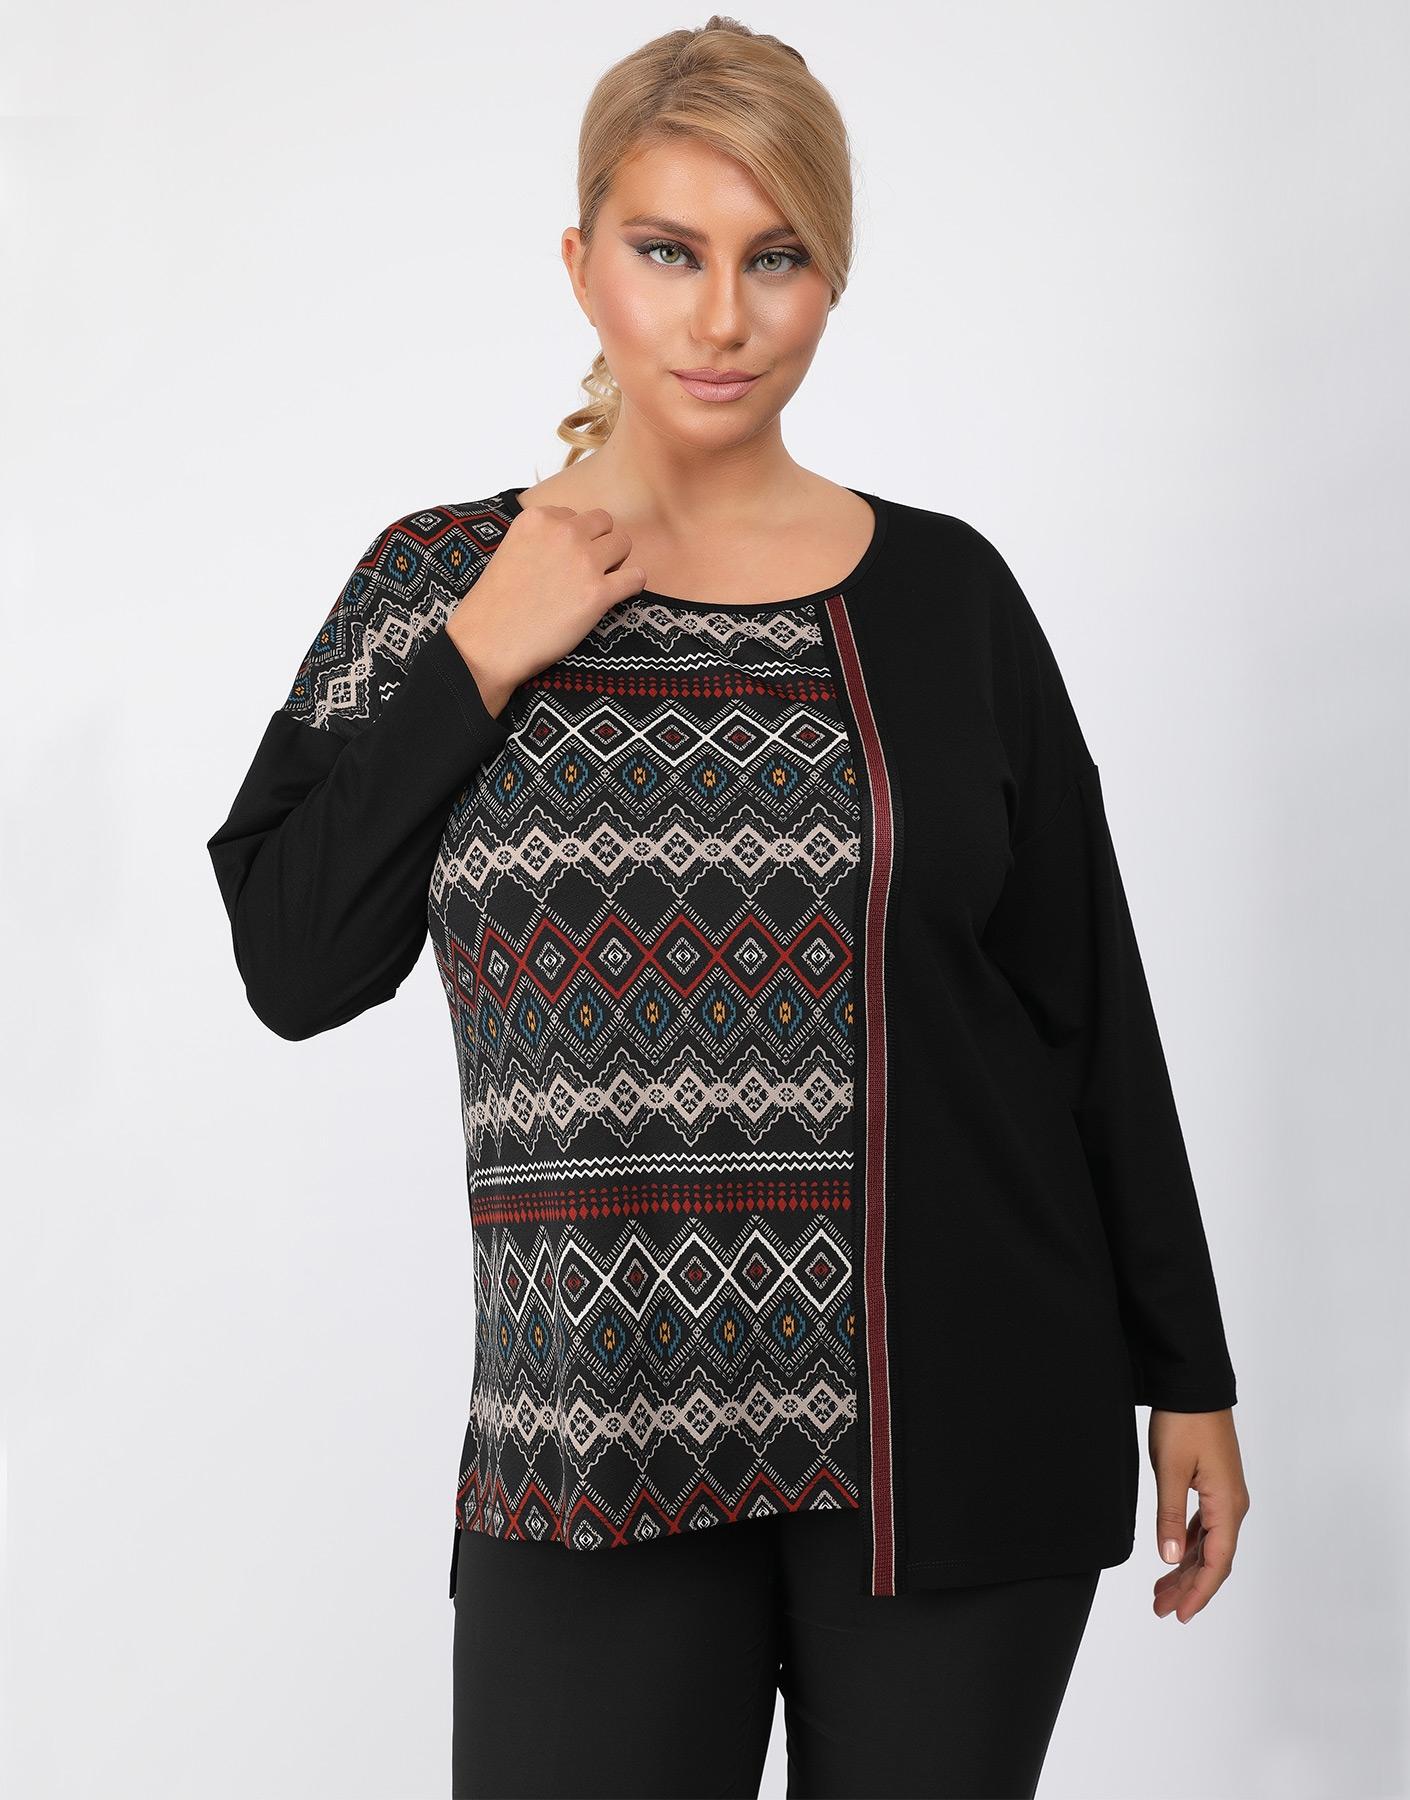 Ασύμμετρη ethnic μπλούζα